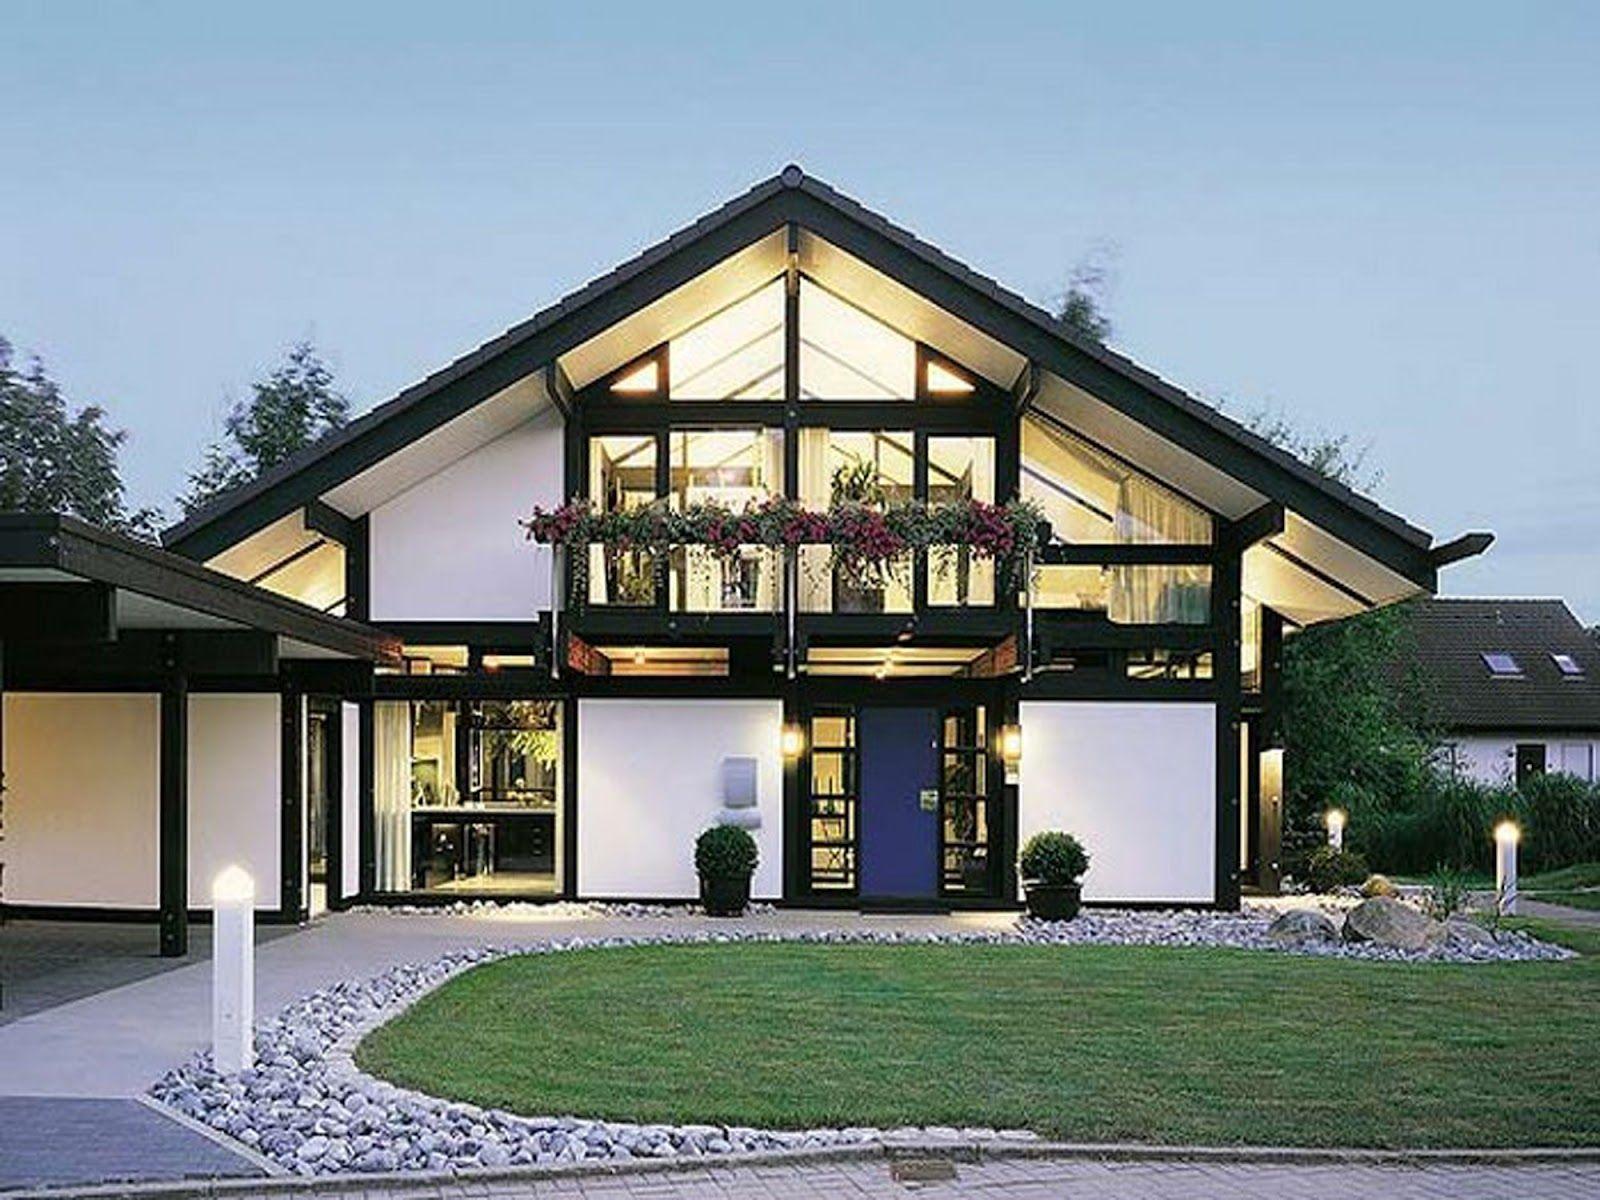 The Next Decade Of Home Design Robious Corridor Modern Modular Homes Modular Home Designs Prefabricated Houses